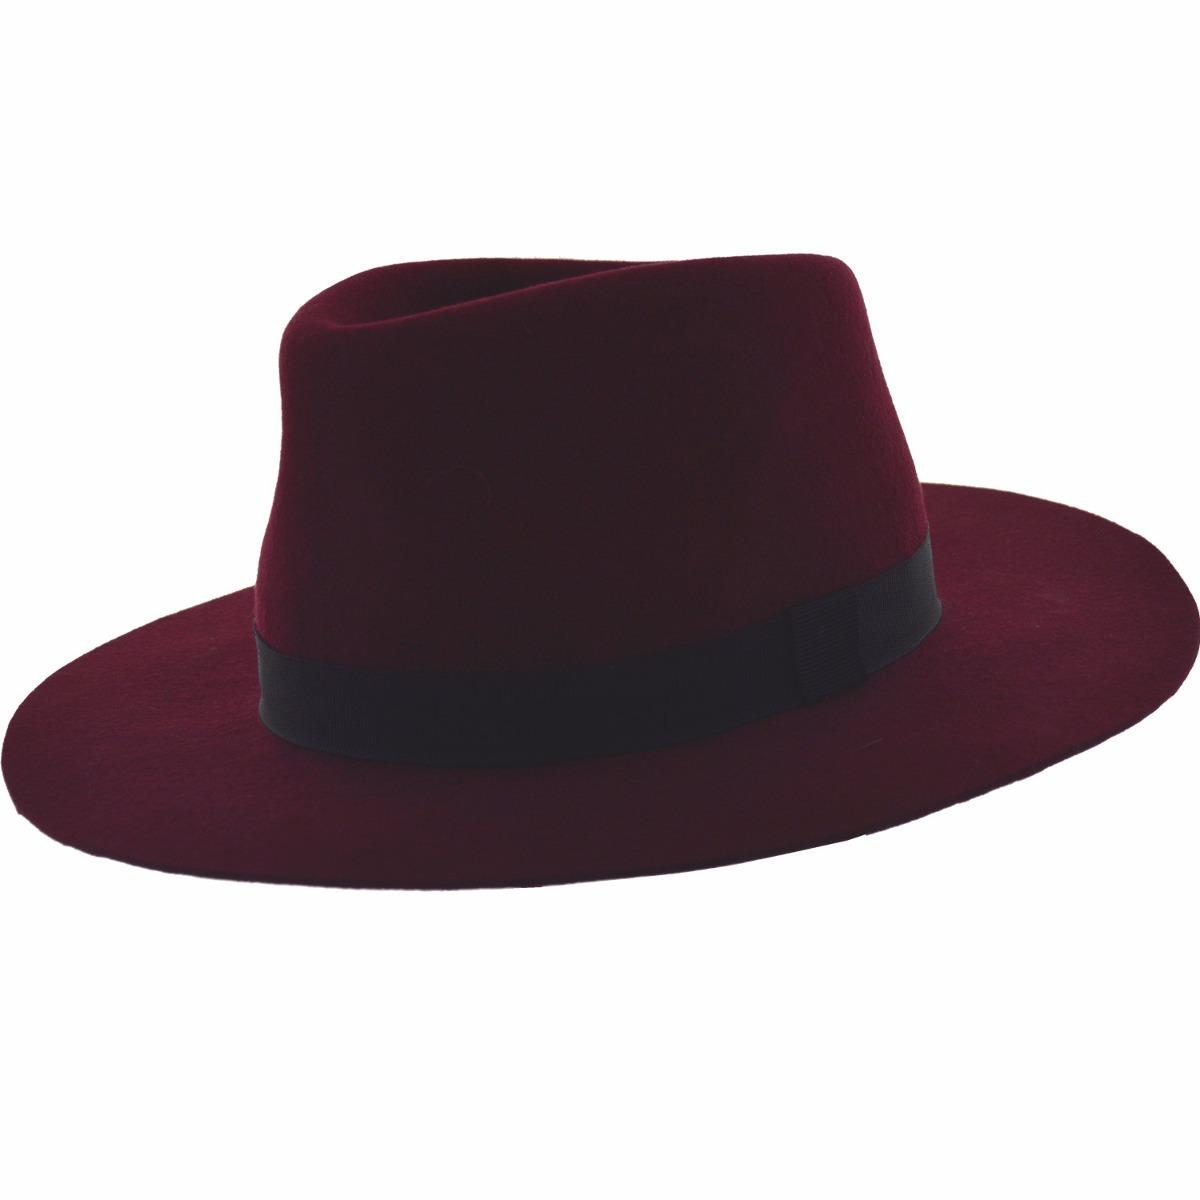 caff9cd8ec318 sombrero filtro relic compañia de sombreros m614062 inv. Cargando zoom.